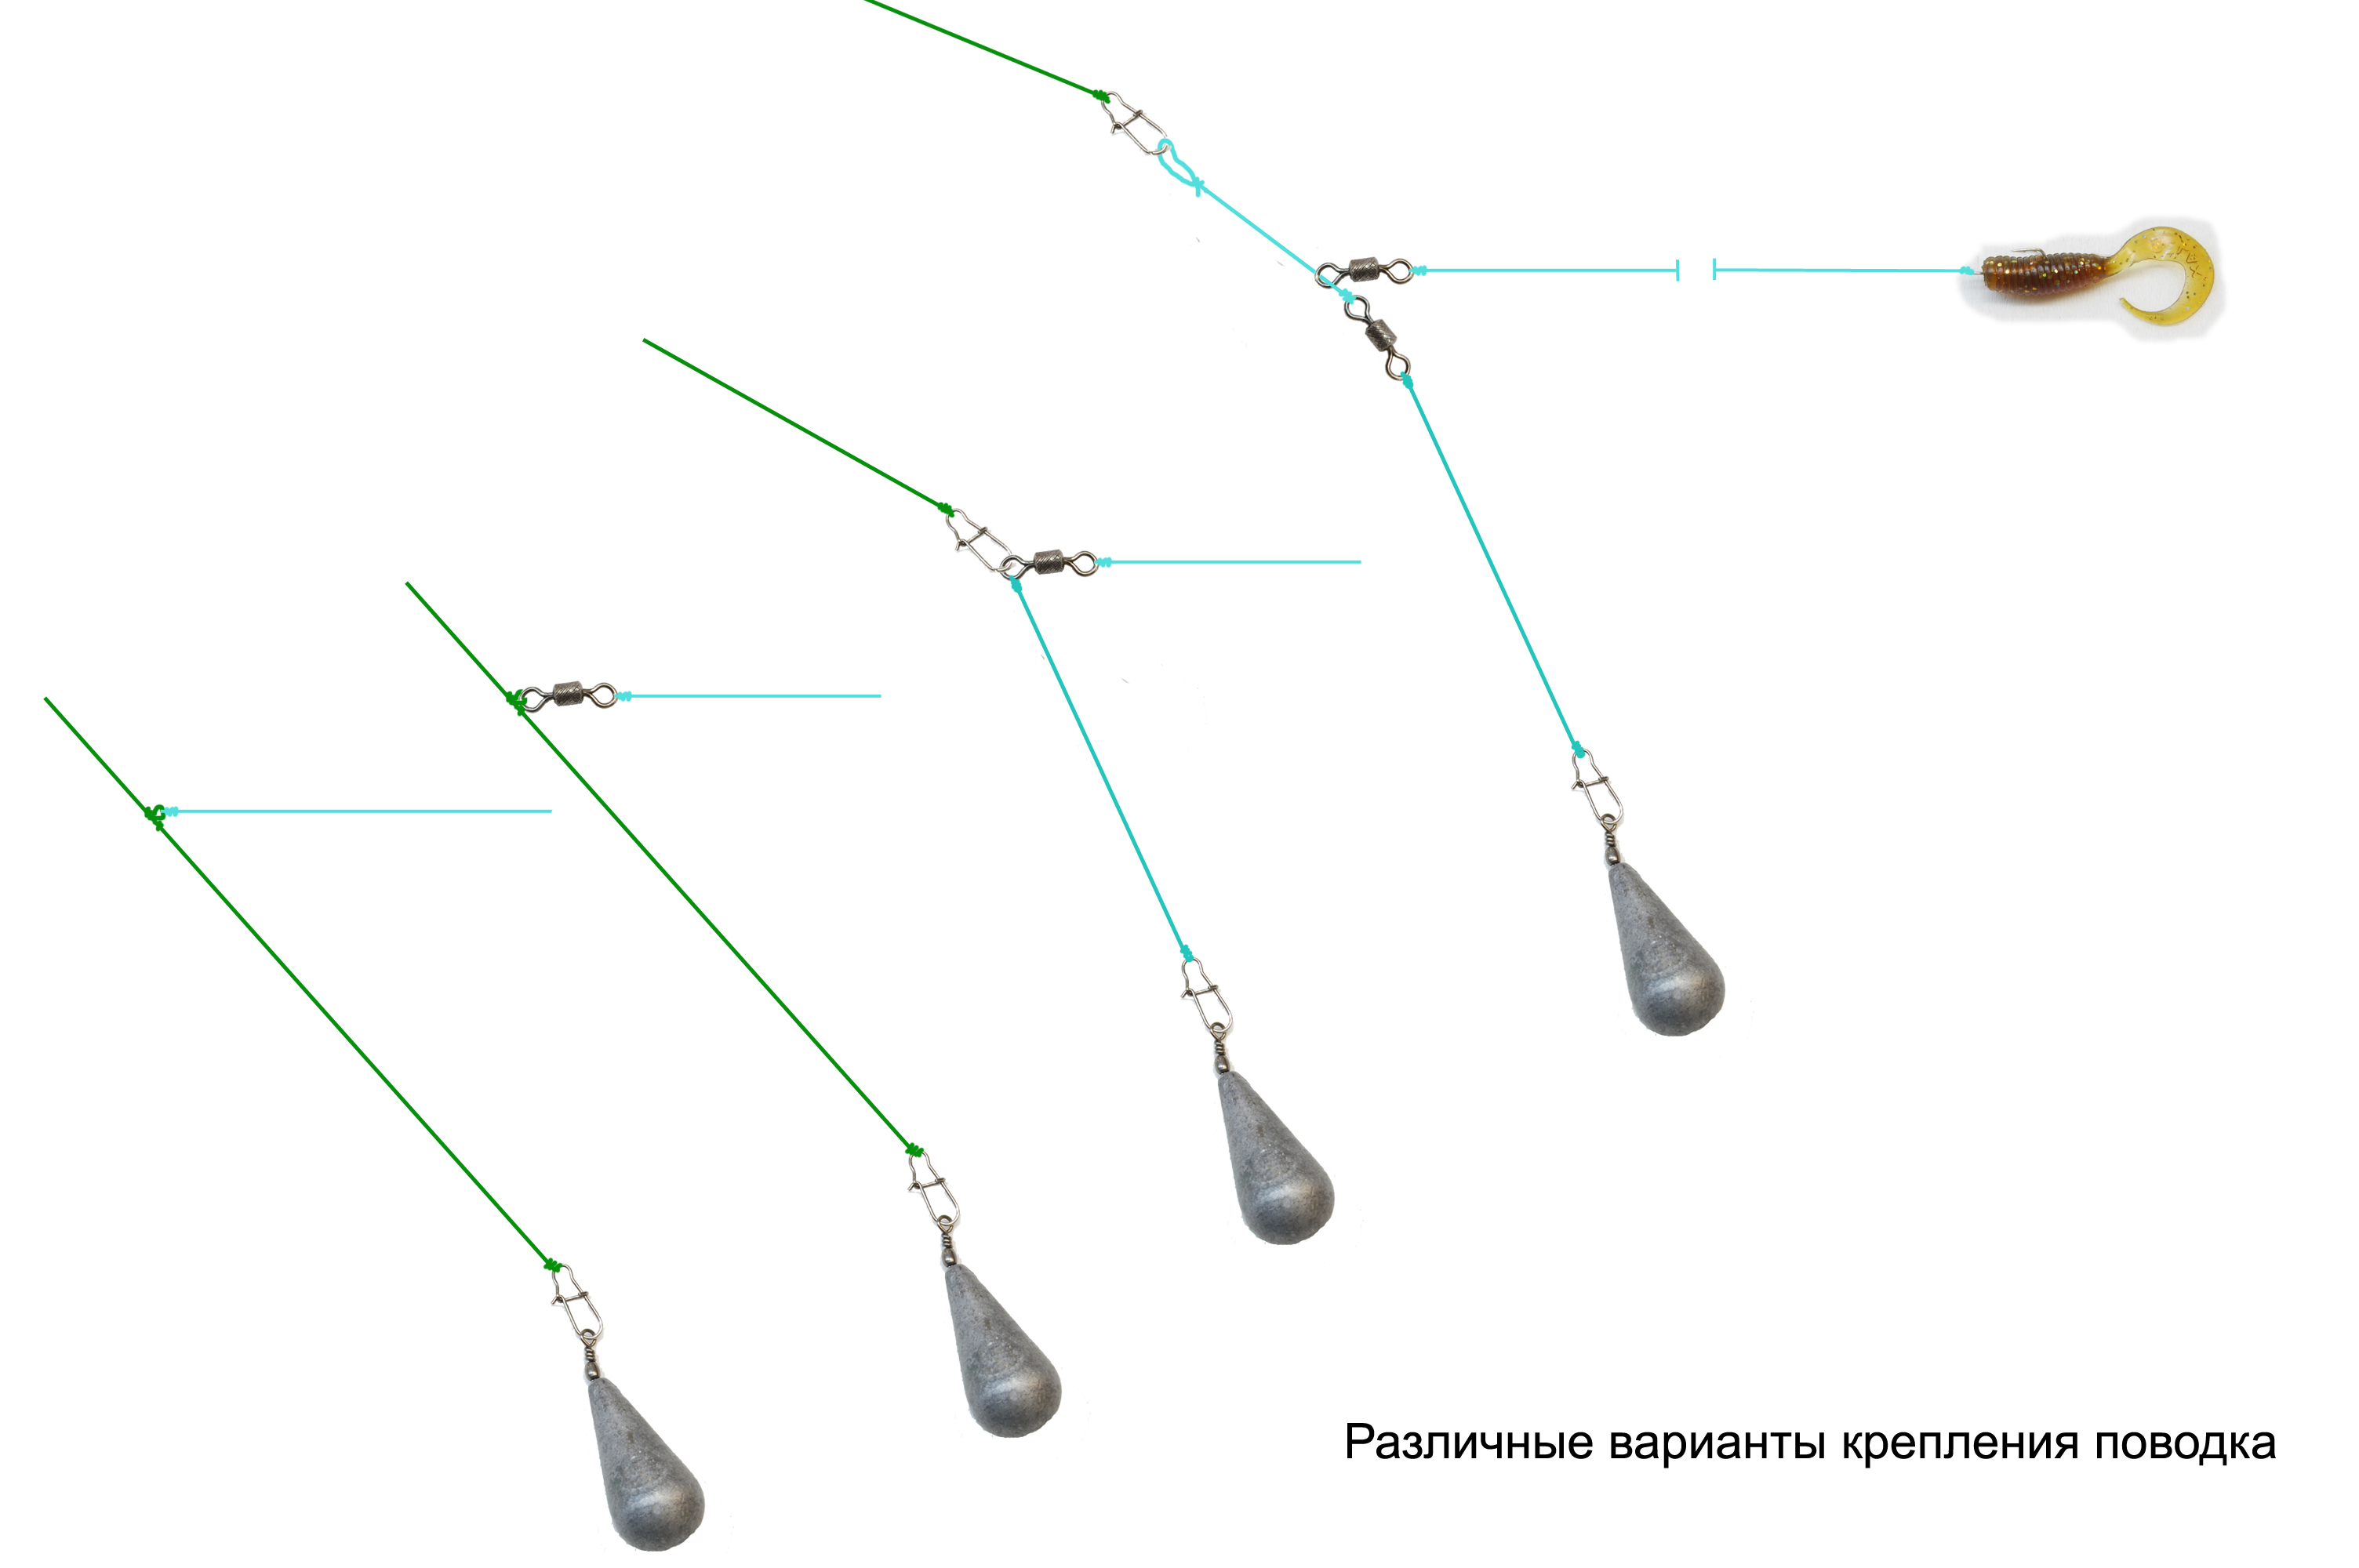 Методы монтажа отводного поводка на щуку